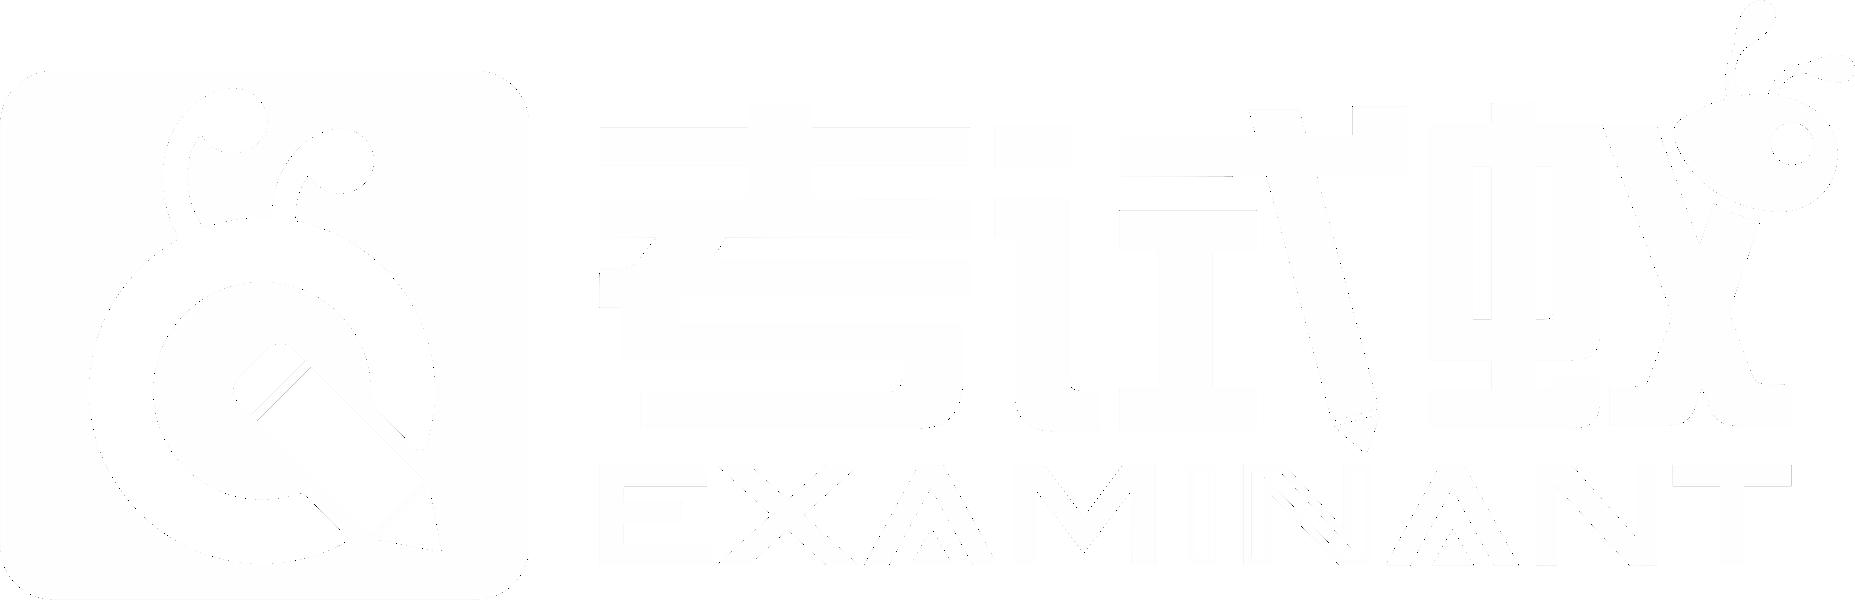 考试蚁-大学生都喜欢的智能考试平台